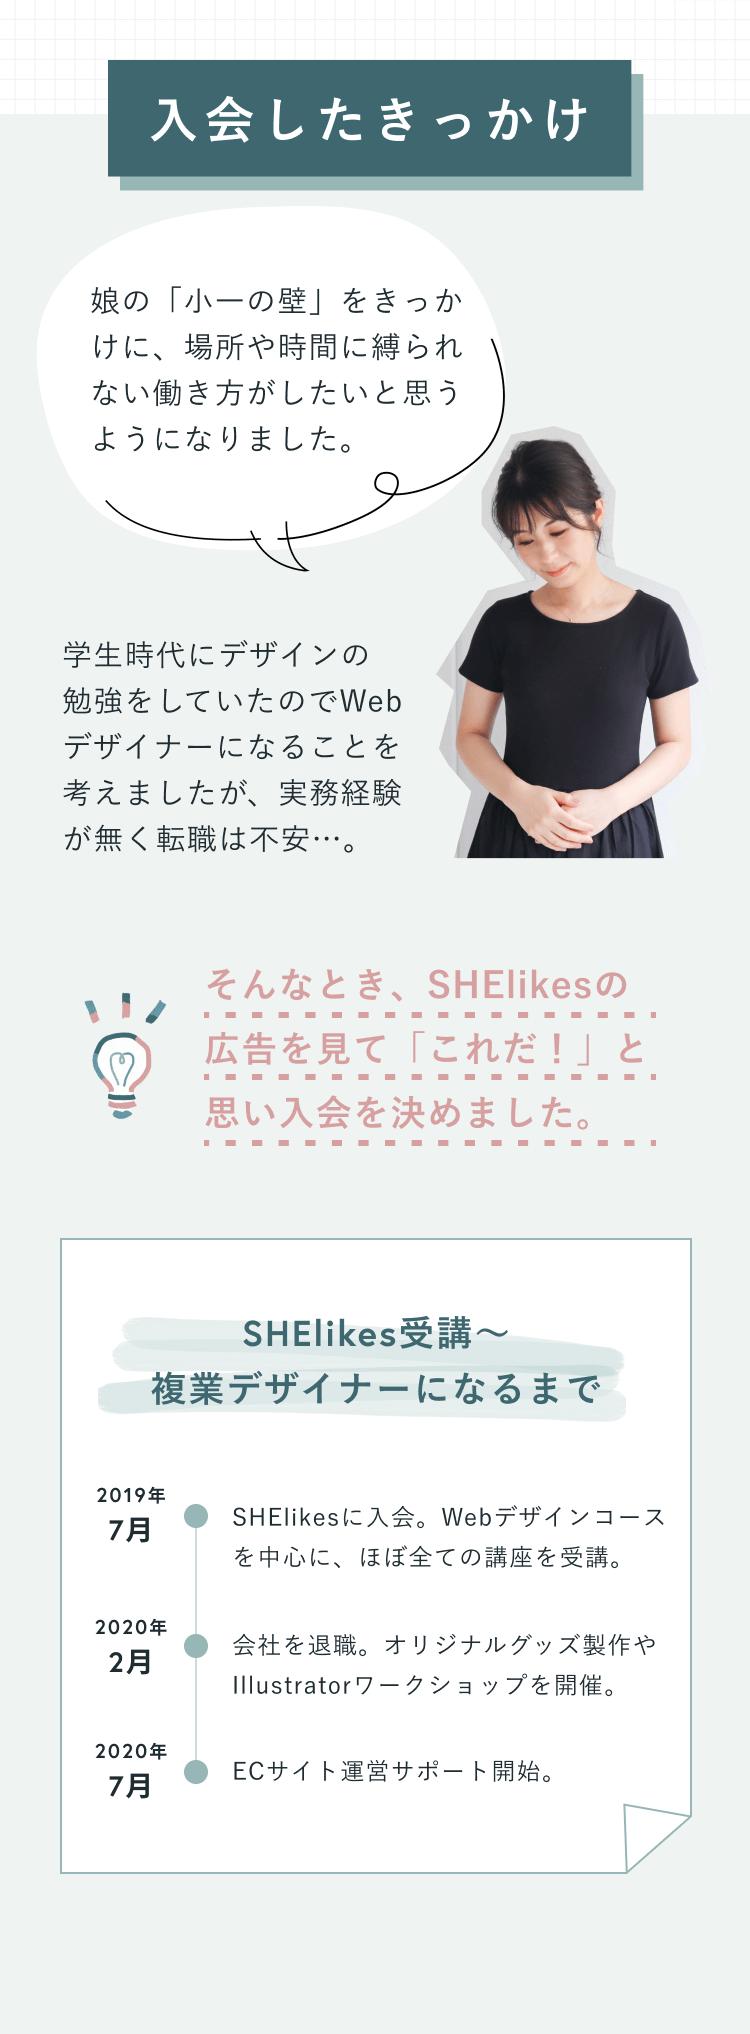 SHElikesに入会したきっかけ。